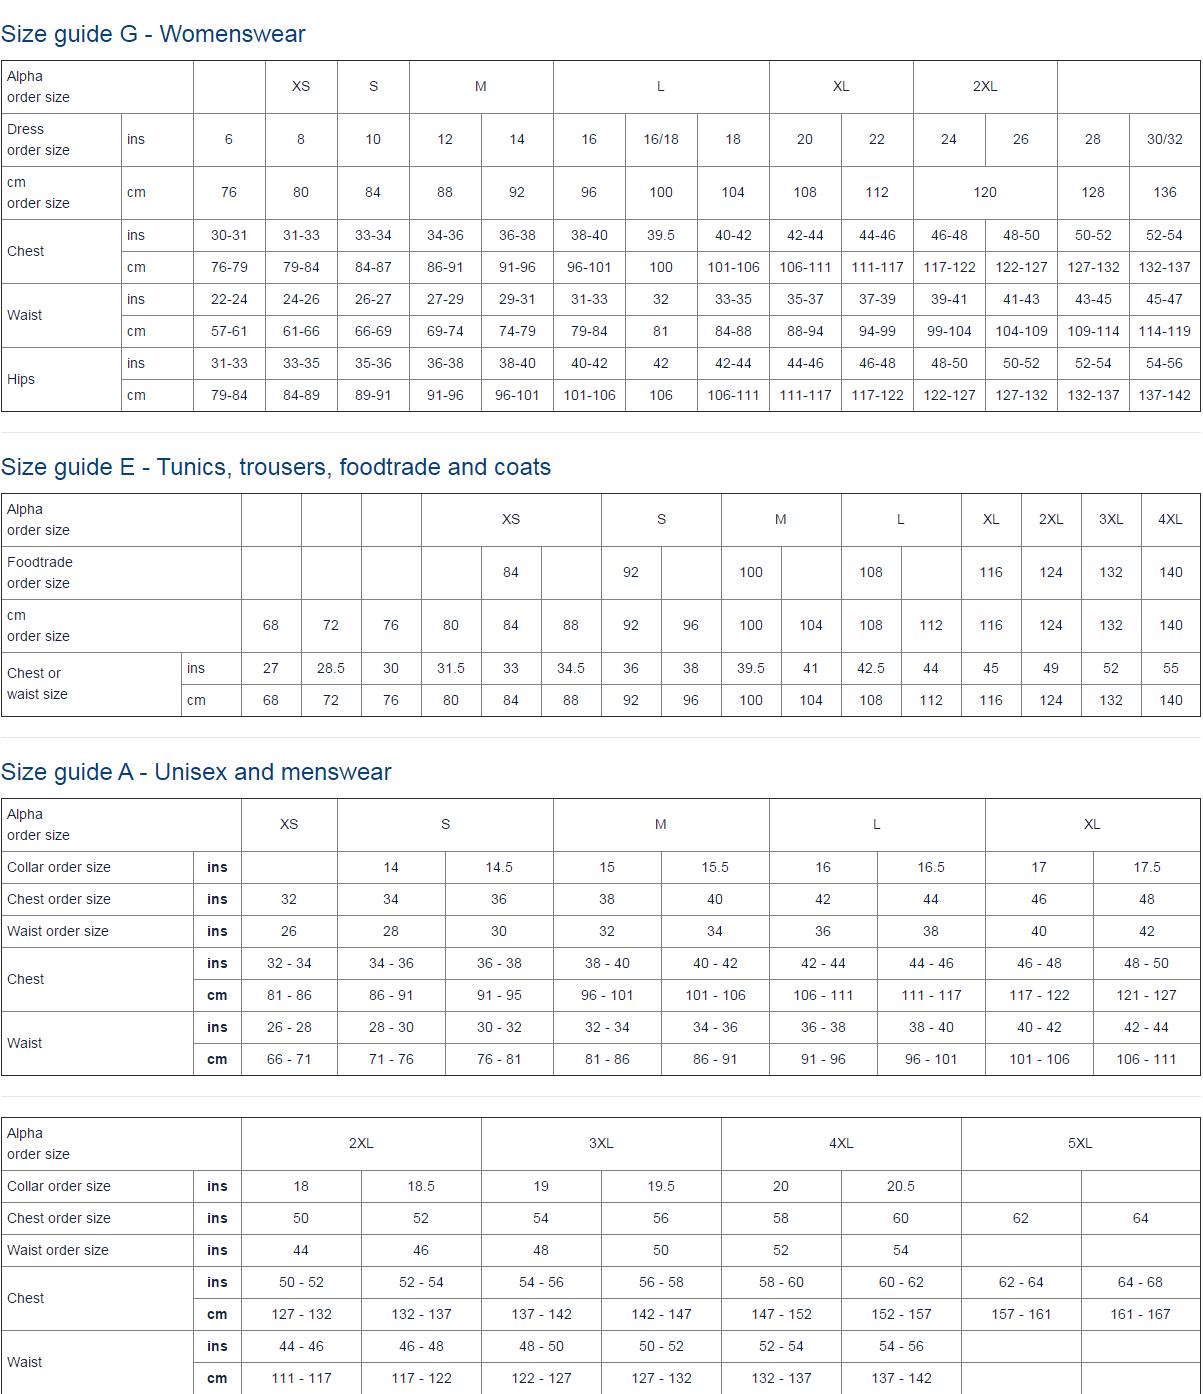 Size Guide A - Unisex & Menswear